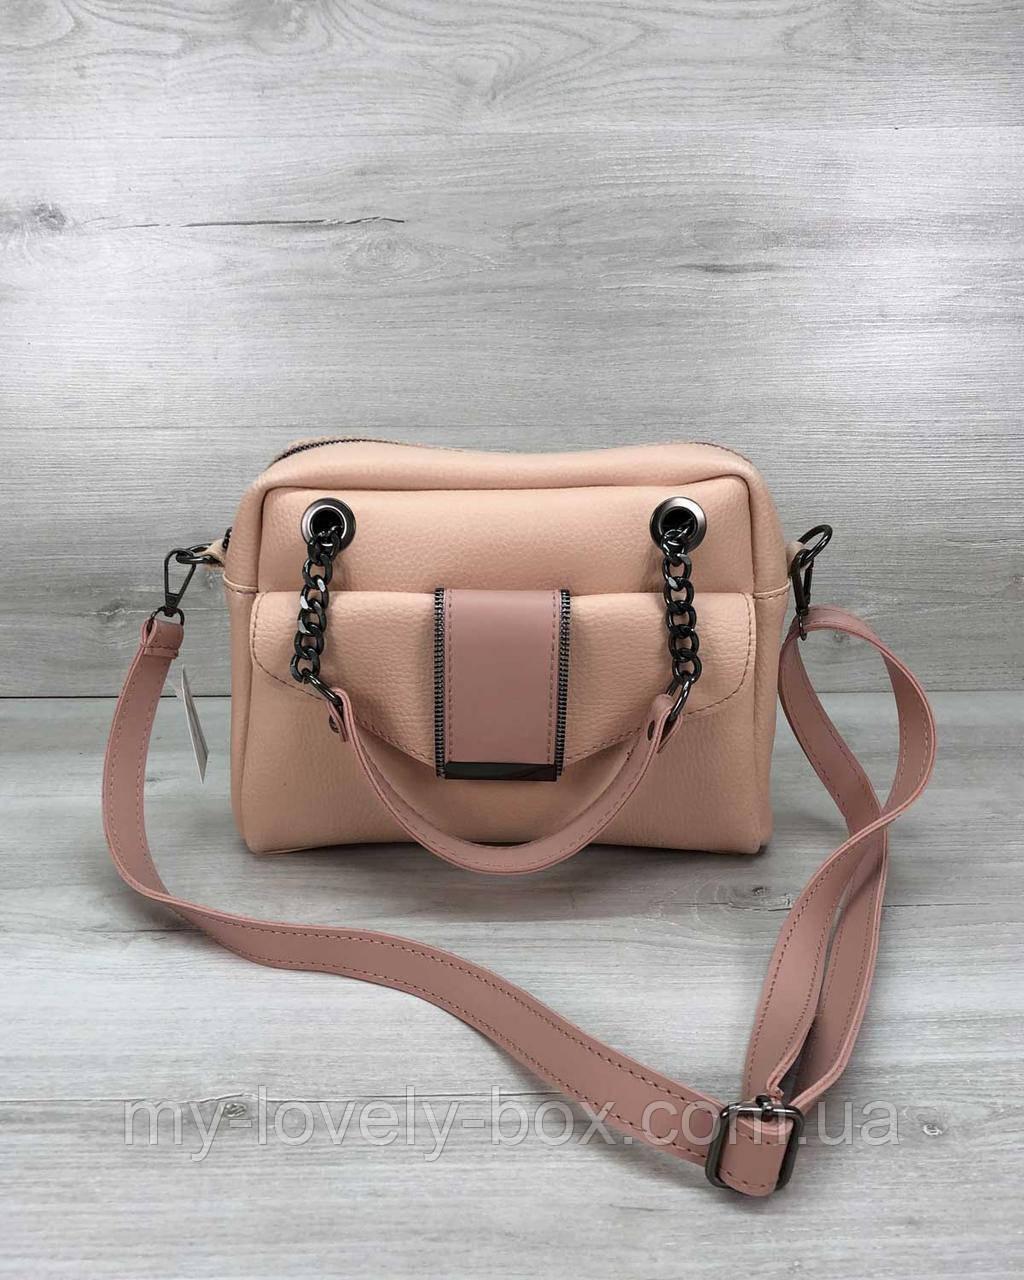 Стильна жіноча сумка Хлоя кольору пудри